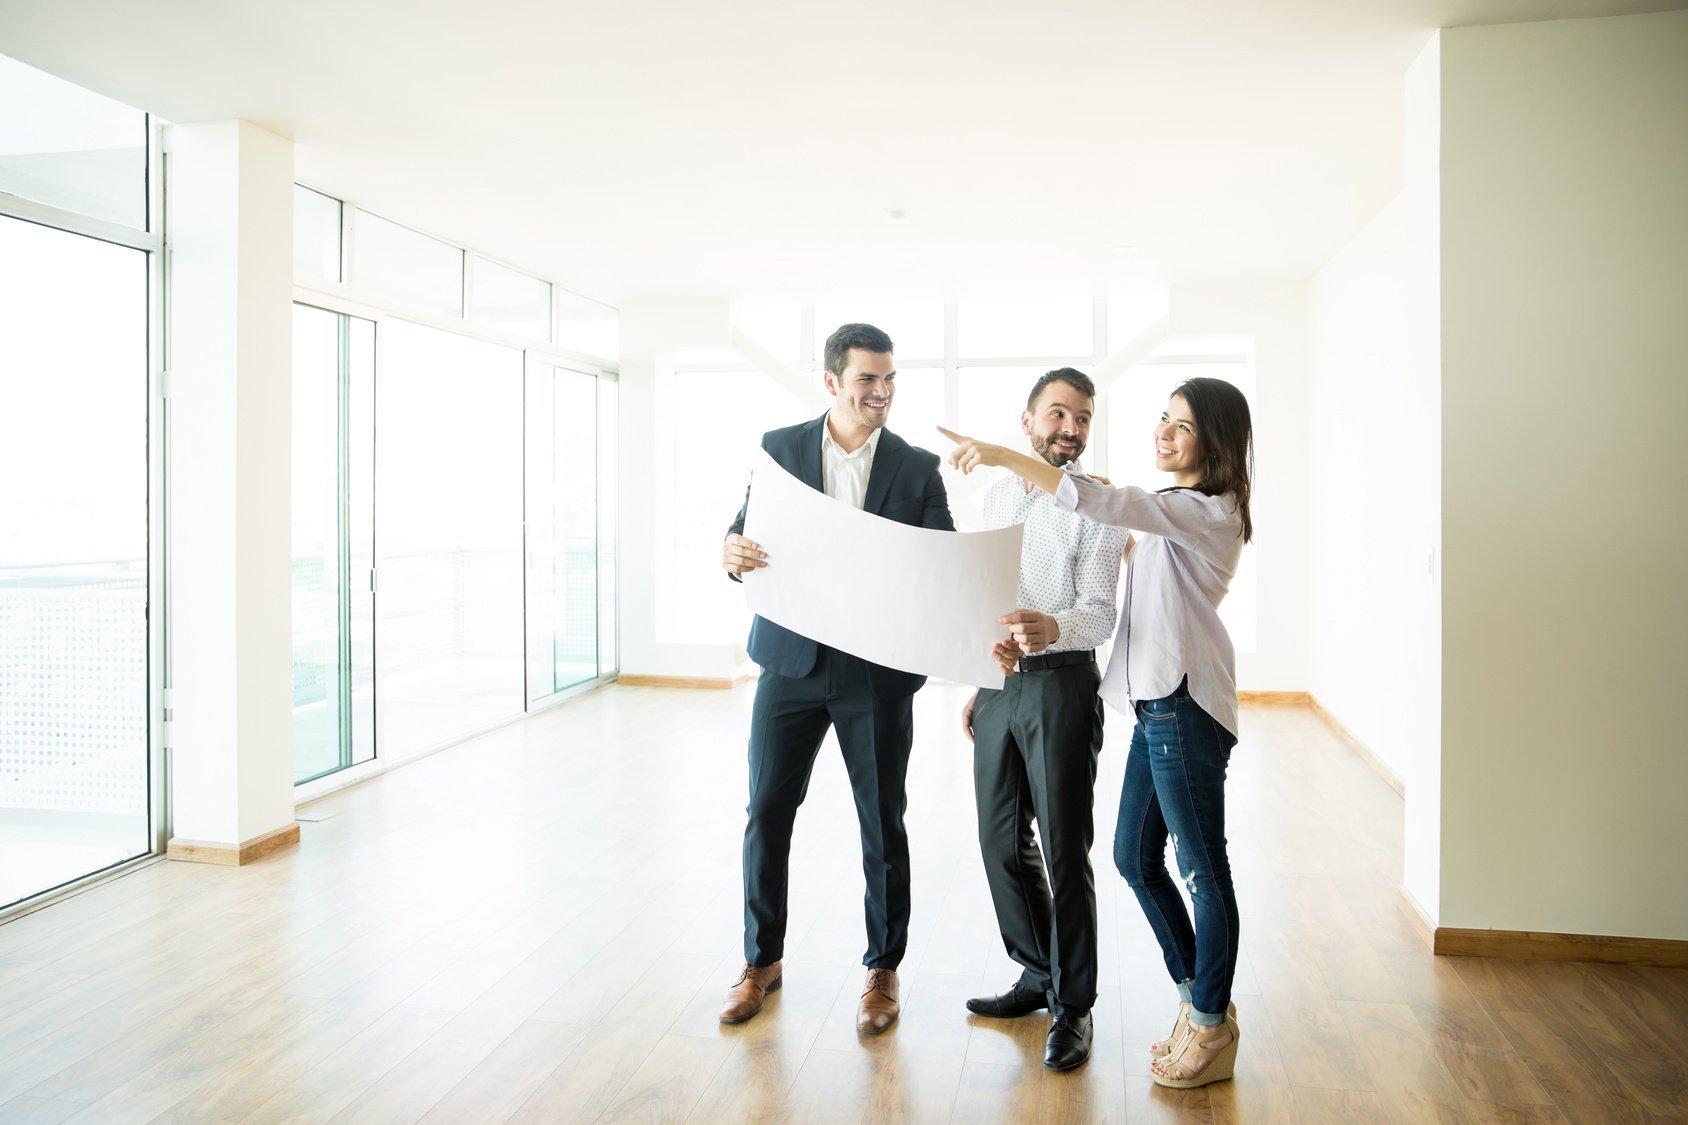 Wohnungsübergabe10 Fragen Und Antworten Newhomech Blog